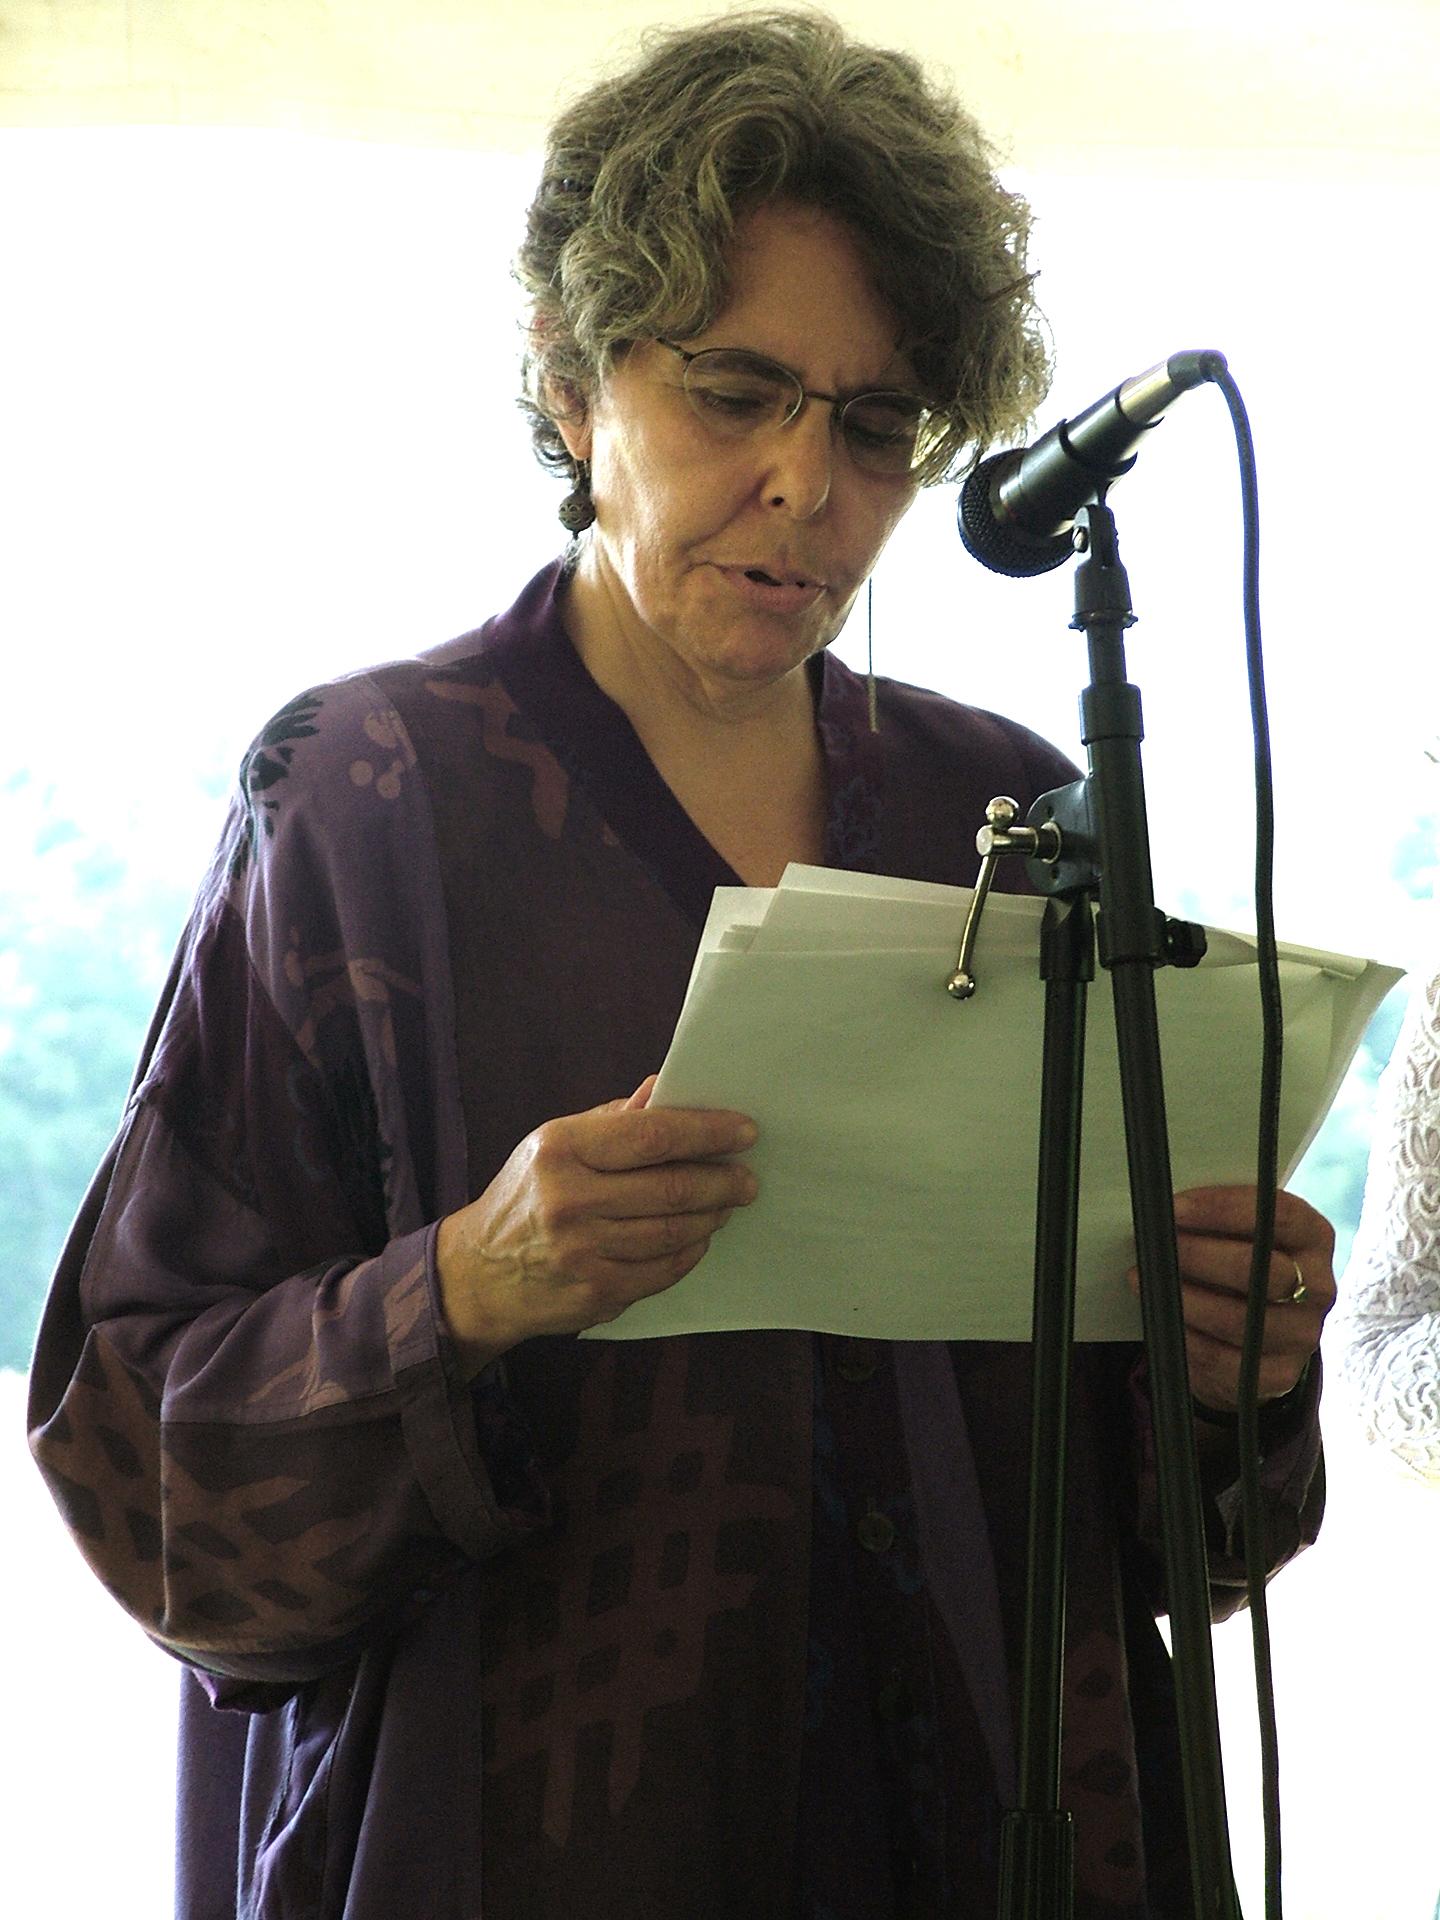 Melanie Kaye/Kantrowitz